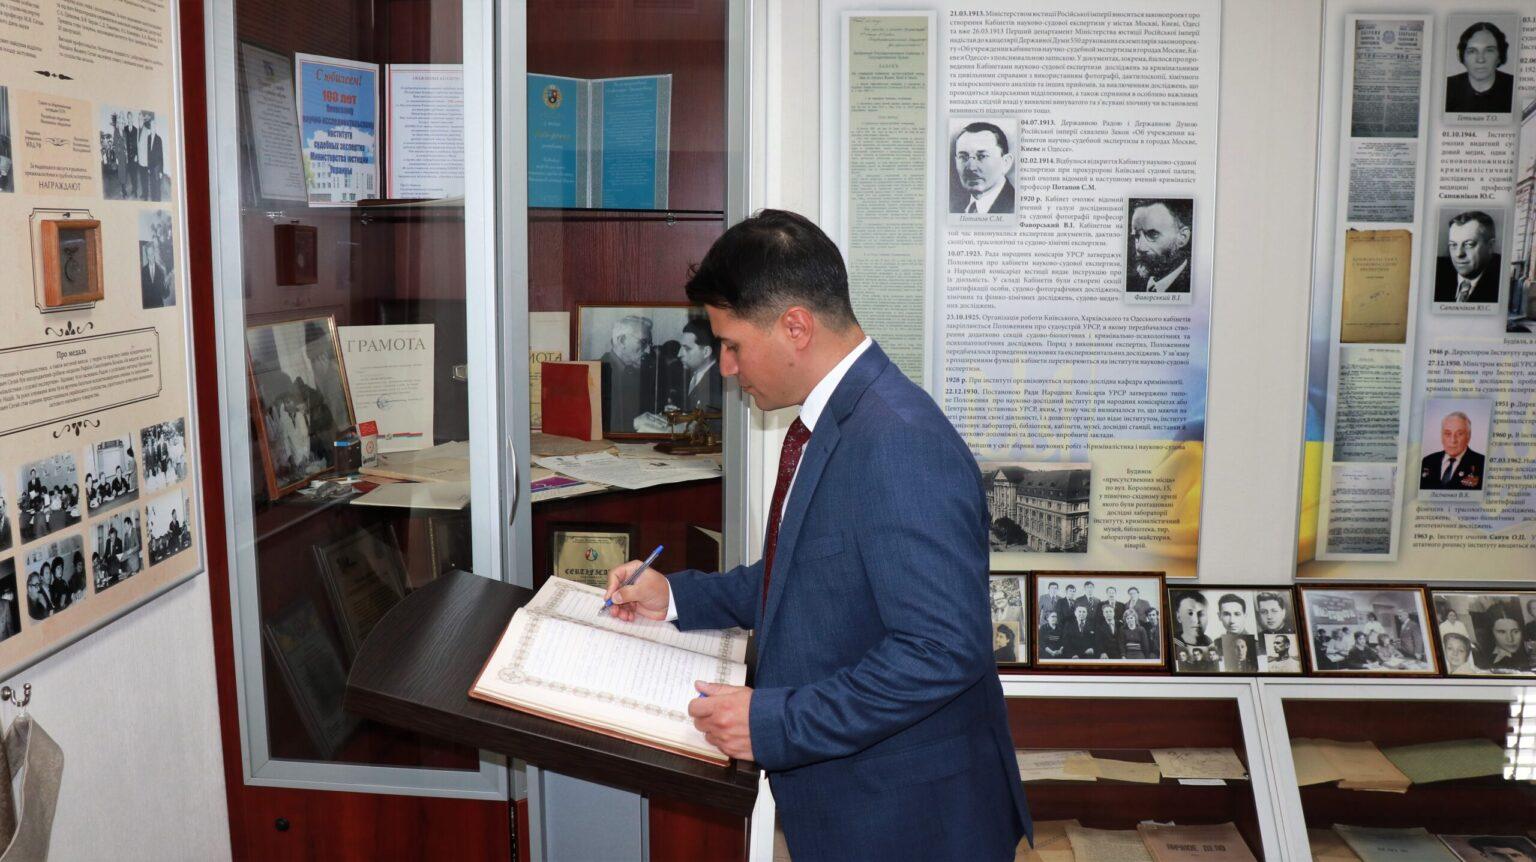 Візит делегації Департаменту судової експертизи жандармерії Туреччини до КНДІСЕ